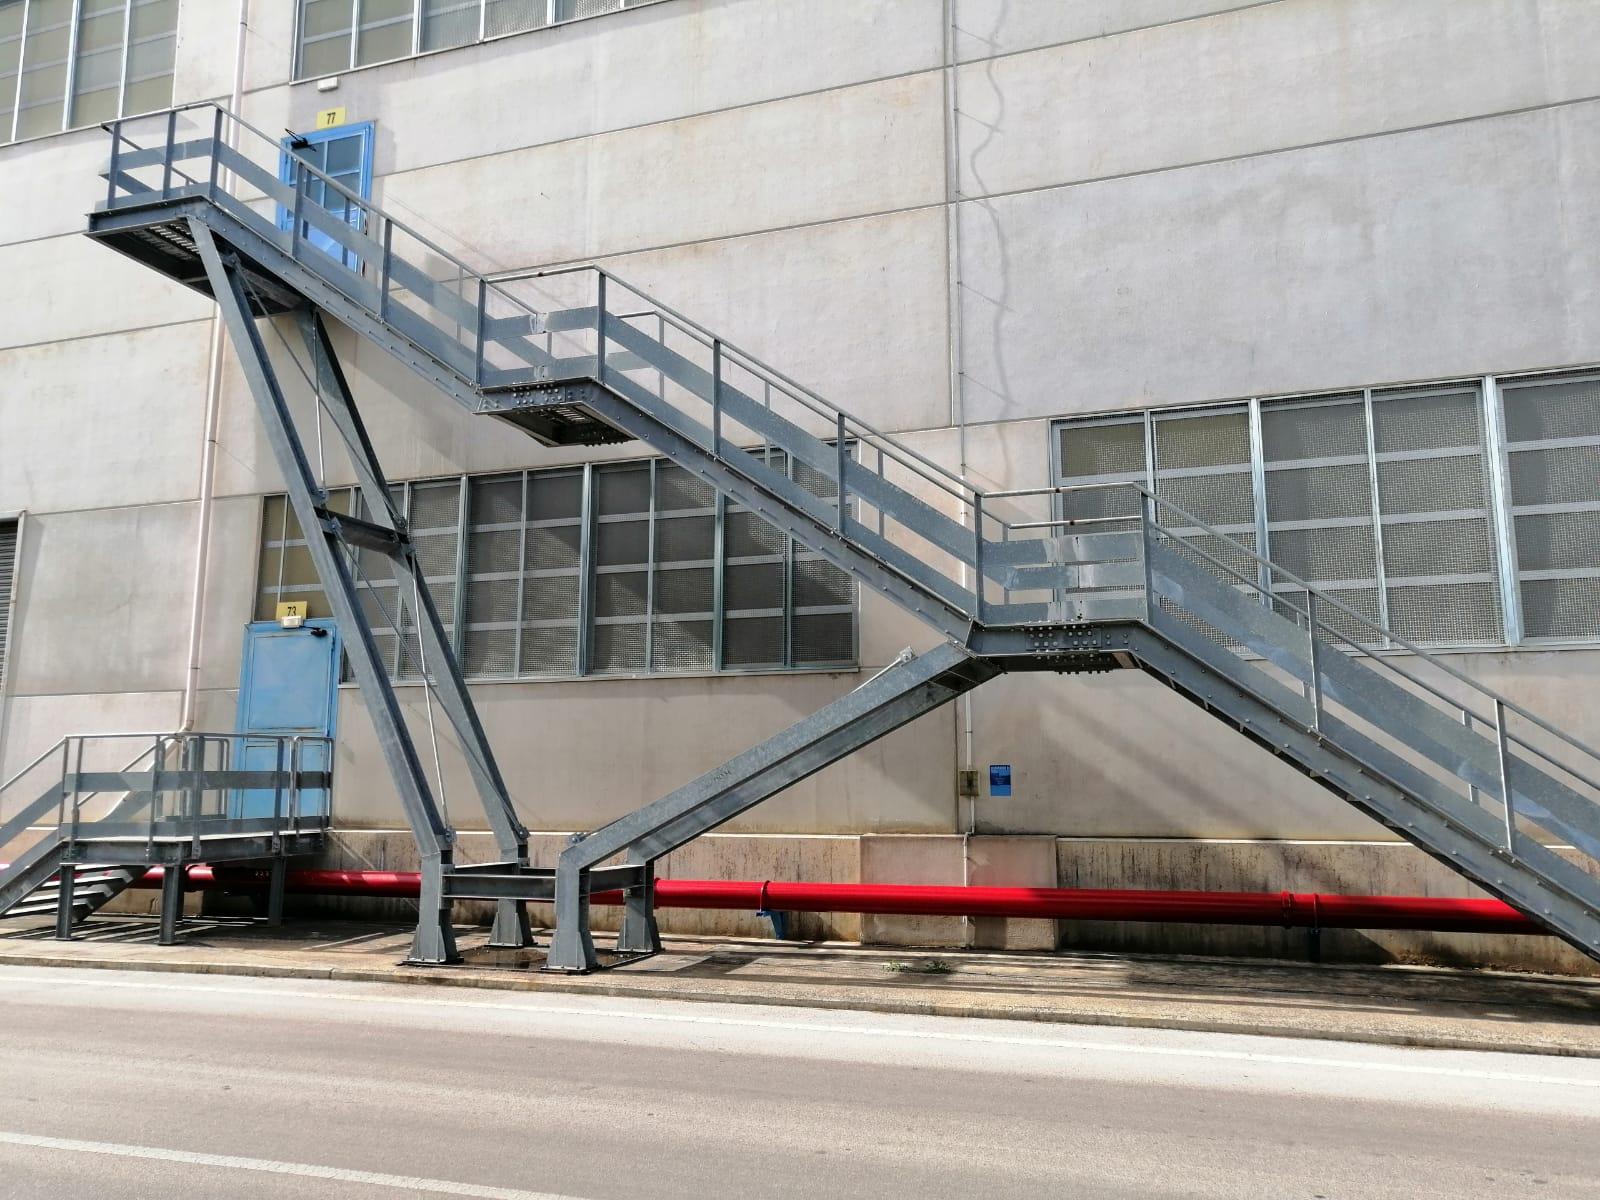 Scala esterna in acciaio di emergenza a Bari, Brindisi e in Puglia - 2